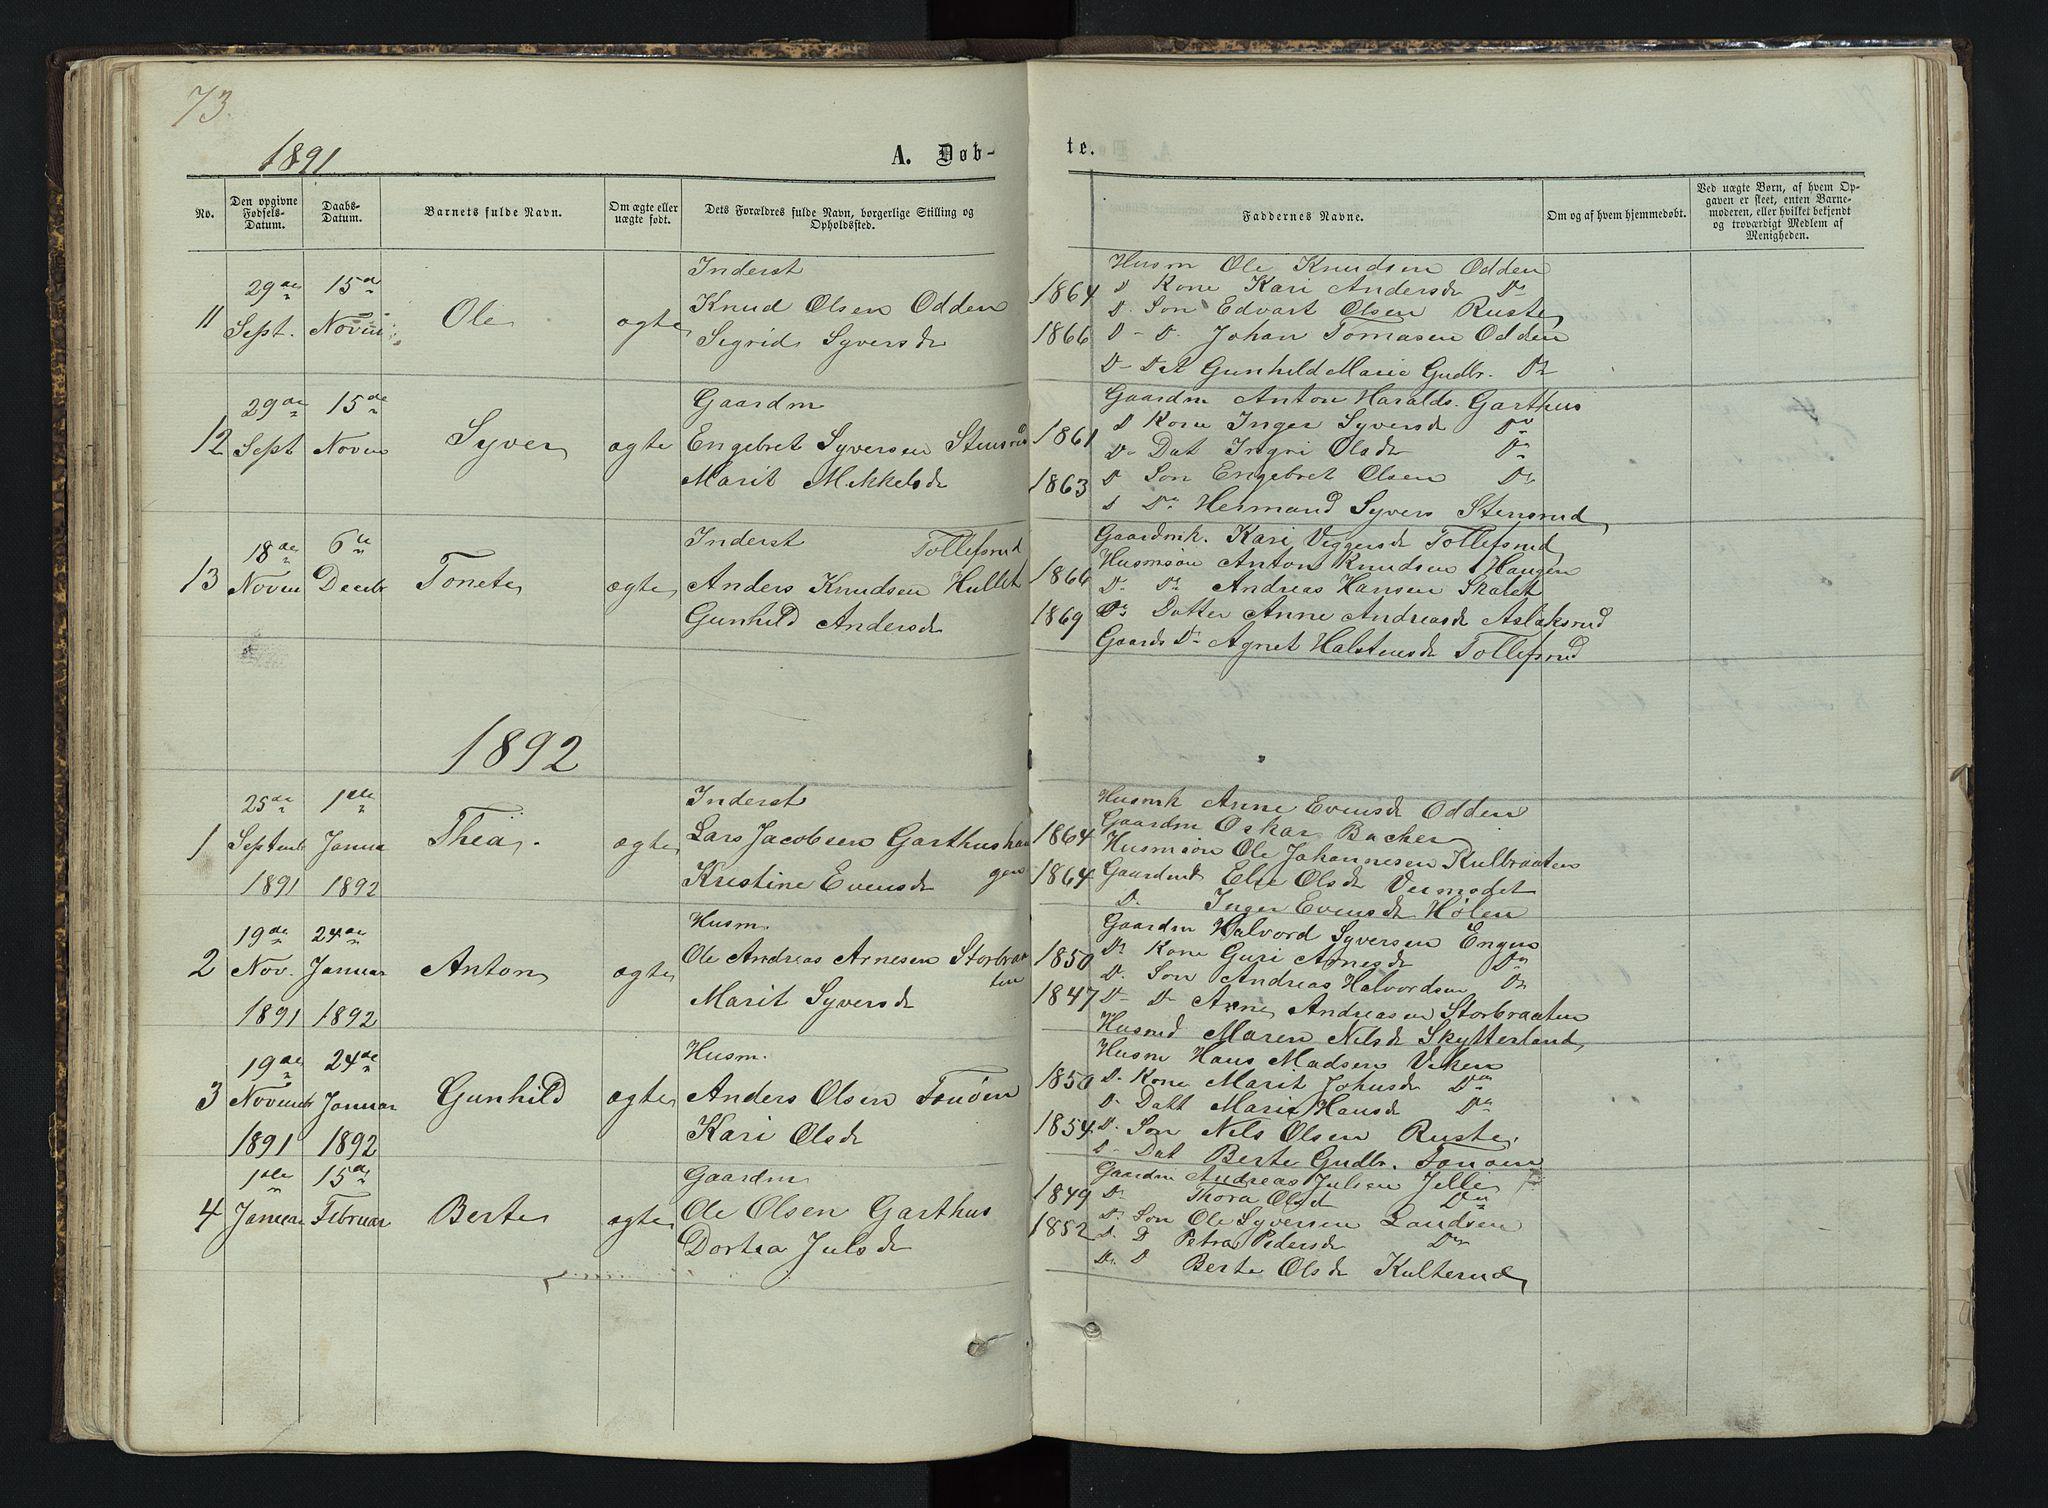 SAH, Sør-Aurdal prestekontor, Klokkerbok nr. 3, 1862-1893, s. 73